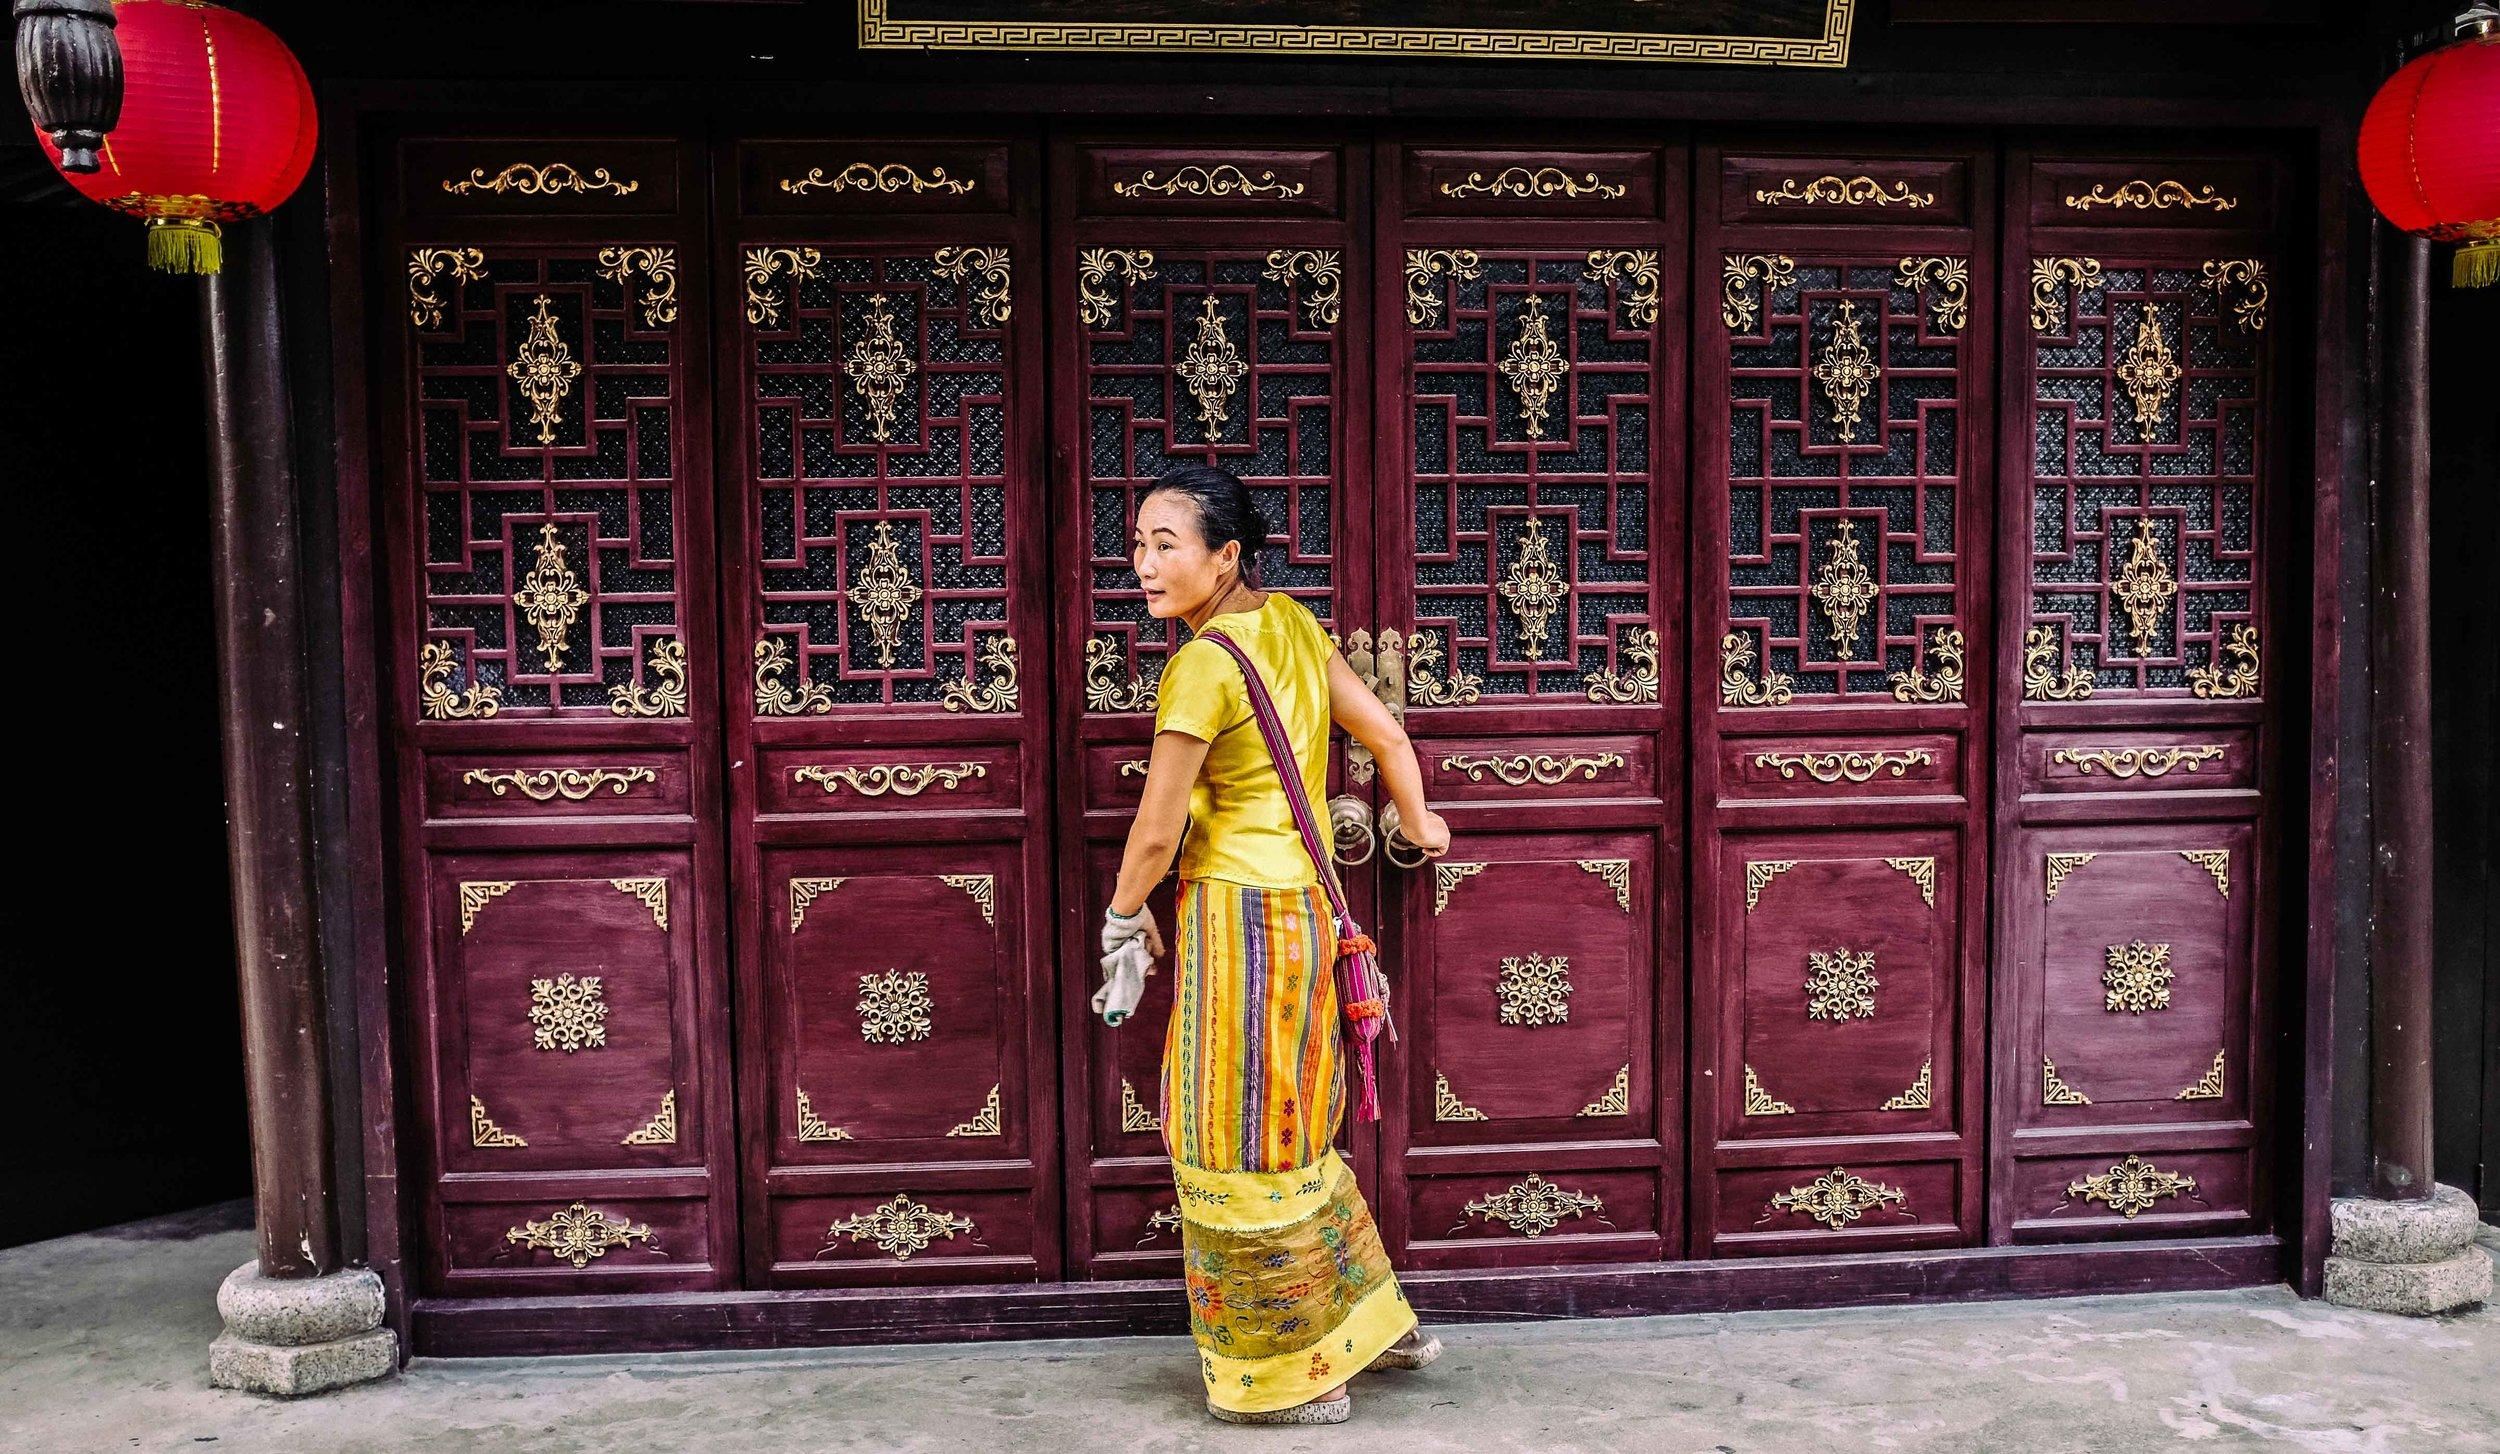 China_x100t_fujifilm_54.jpg